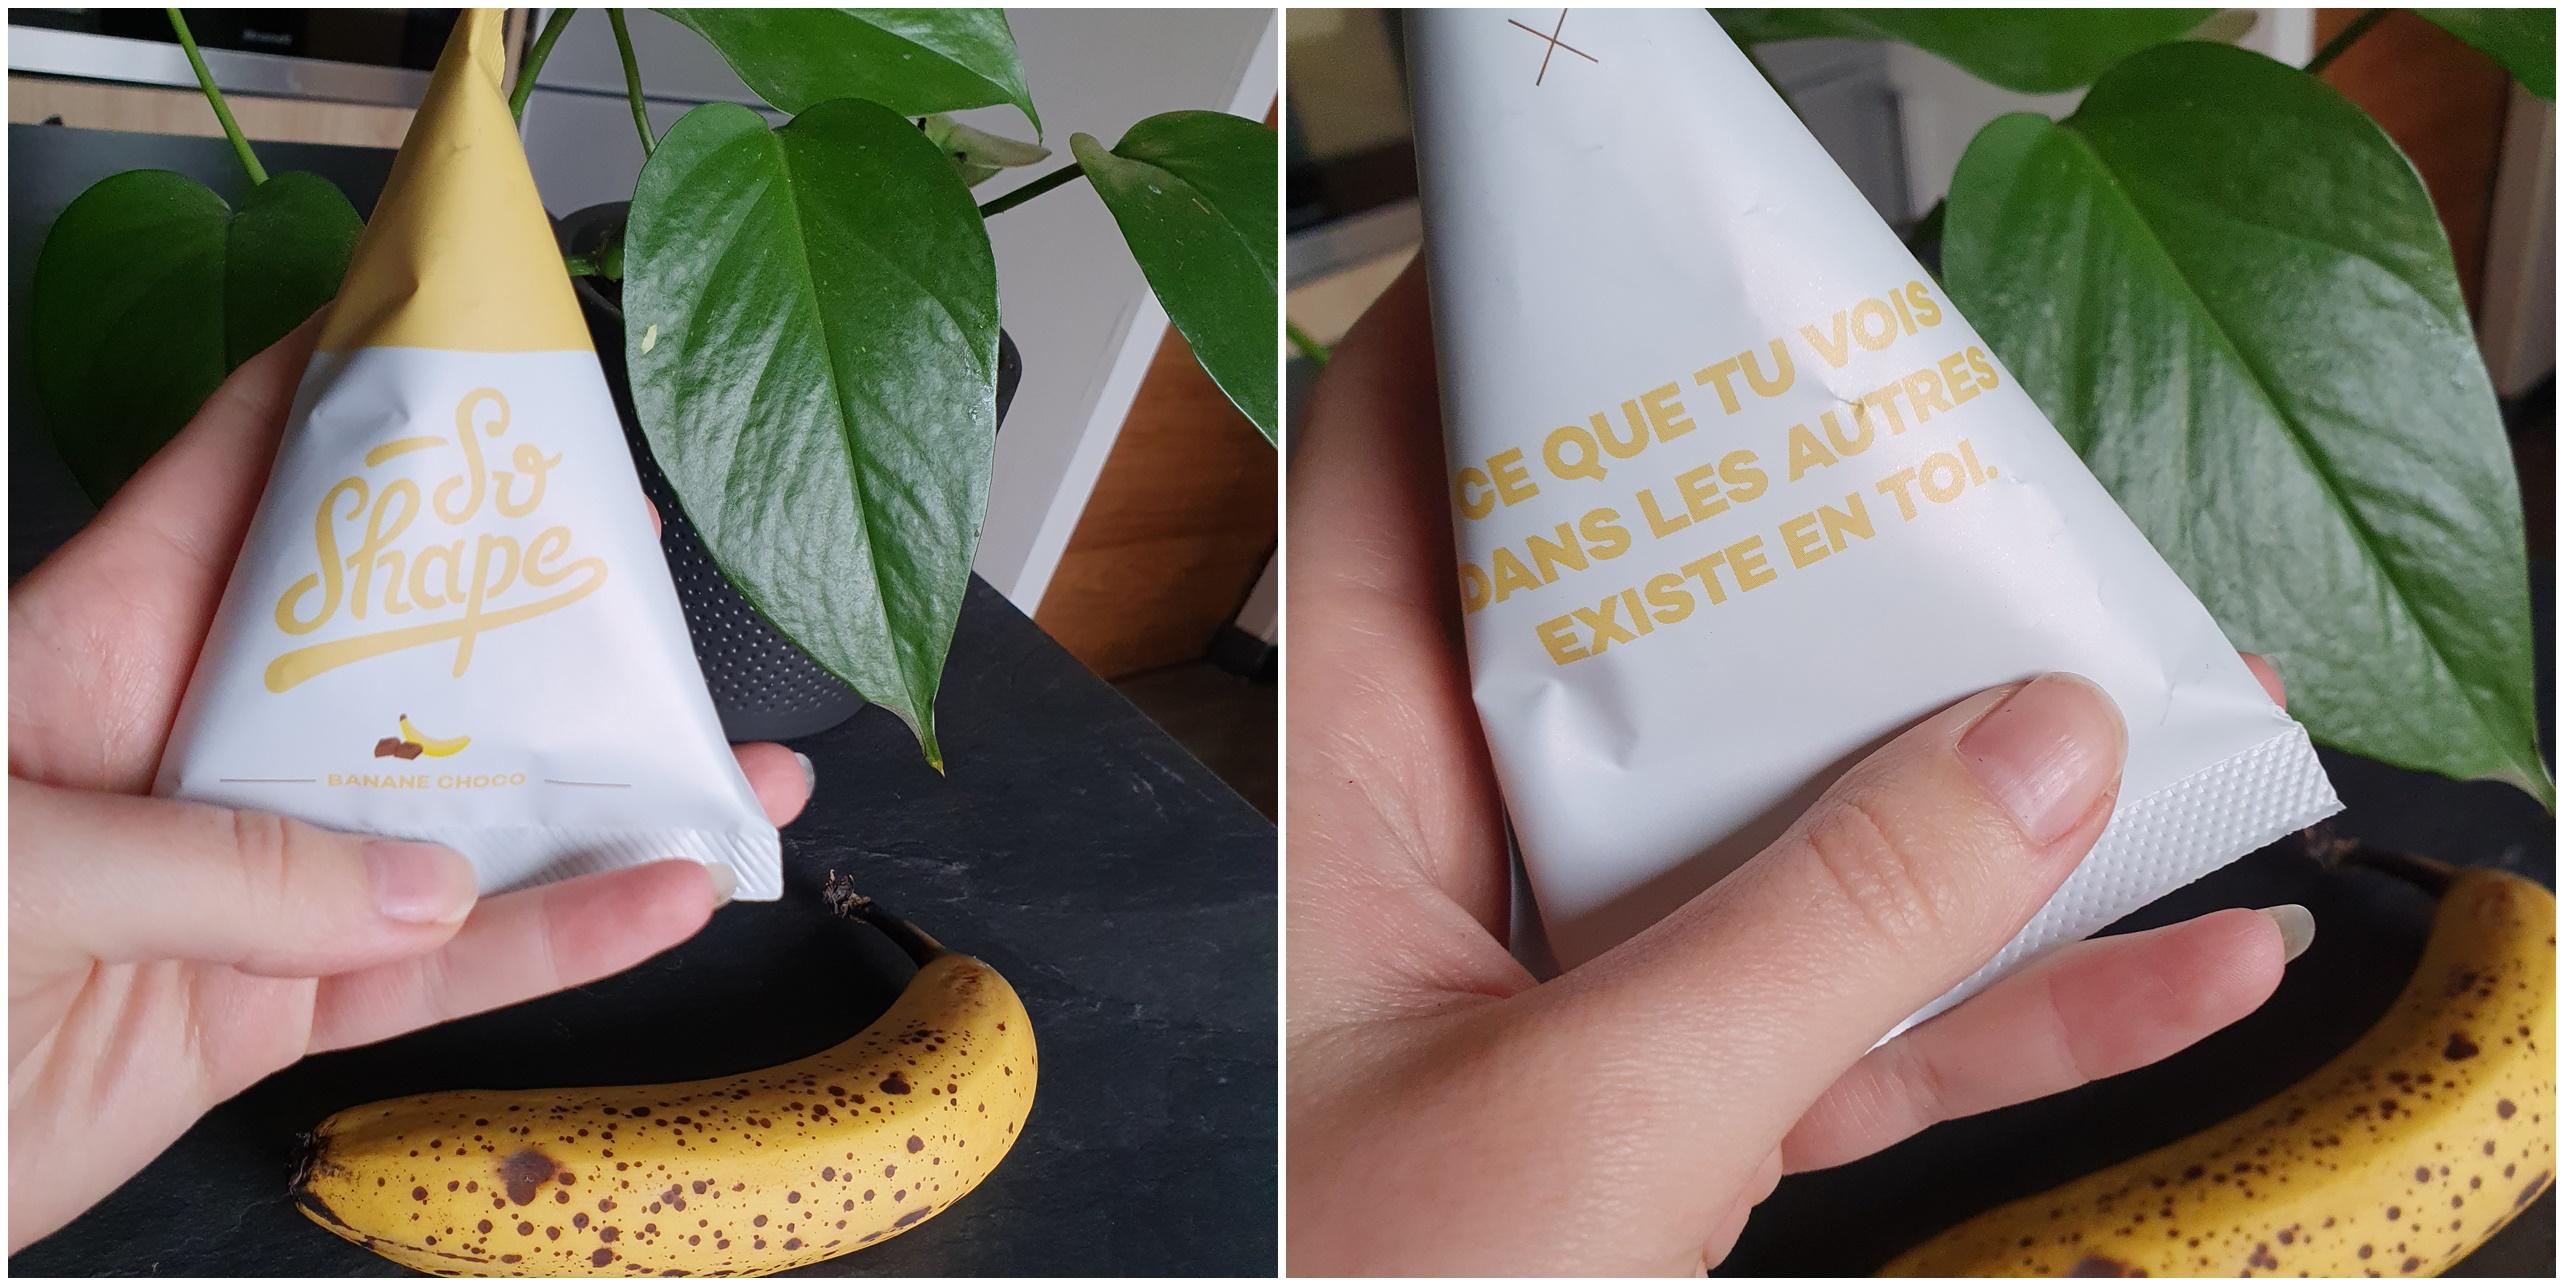 SOSHAPE Choco banane - www.makemyutopia.com